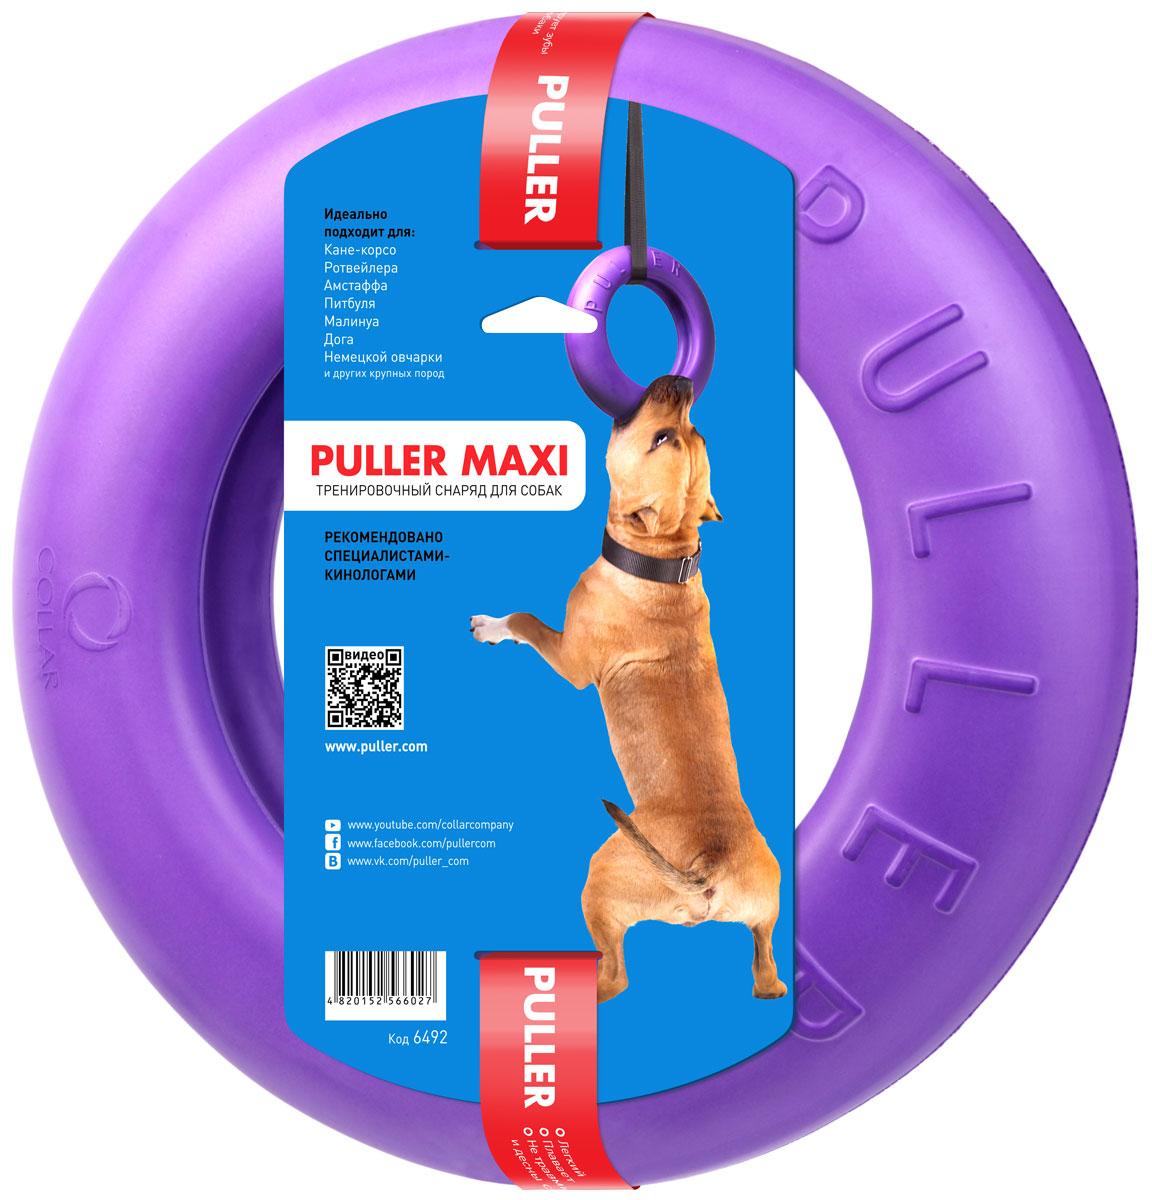 Тренировочный снаряд Puller Мaxi6492ПУЛЛЕР Maxi специально адаптирован для крупных пород собак. Прекрасный тренажер для развития челюстей а также правильной и крепкой хватки собаки. С ПУЛЛЕР Мaxi доступны такие упражнения как, подвисание (подходит для СПРИНГПОЛА), перетяжка, плавание. Большая толщина и при этом достаточно мягкий материал, дает собаке огромное удовольствие, когда она держит его в своих зубах. Состоит из одного кольца. Уважаемые клиенты! Обращаем ваше внимание на возможные изменения в дизайне упаковки. Качественные характеристики товара остаются неизменными. Поставка осуществляется в зависимости от наличия на складе.